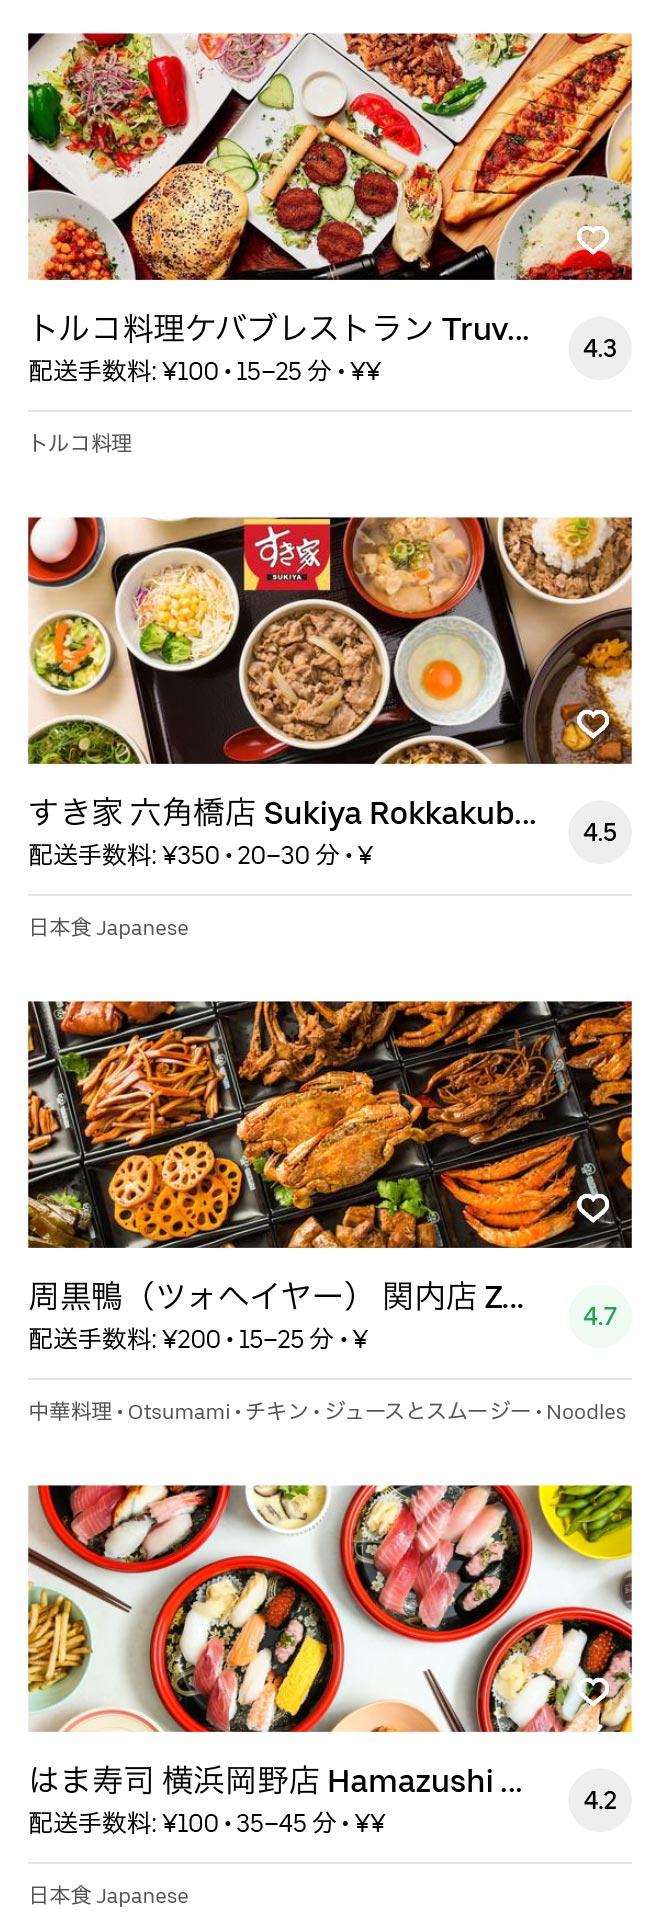 Yokohama takashima menu 2004 11